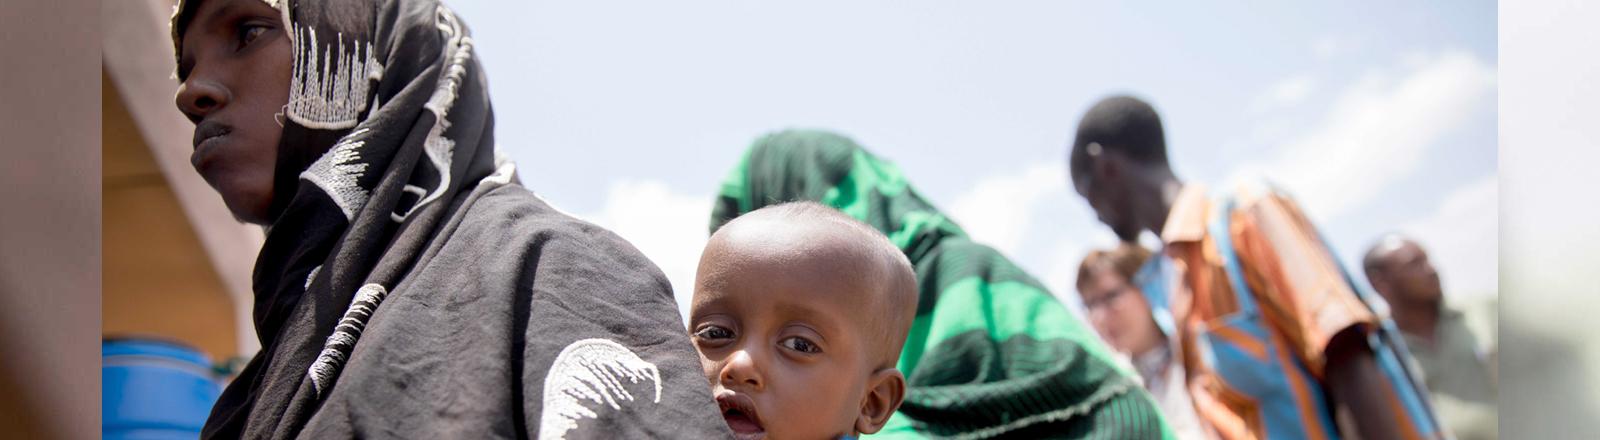 Menschen stehen Schlange in einem Flüchtlingslager in Äthiopien.